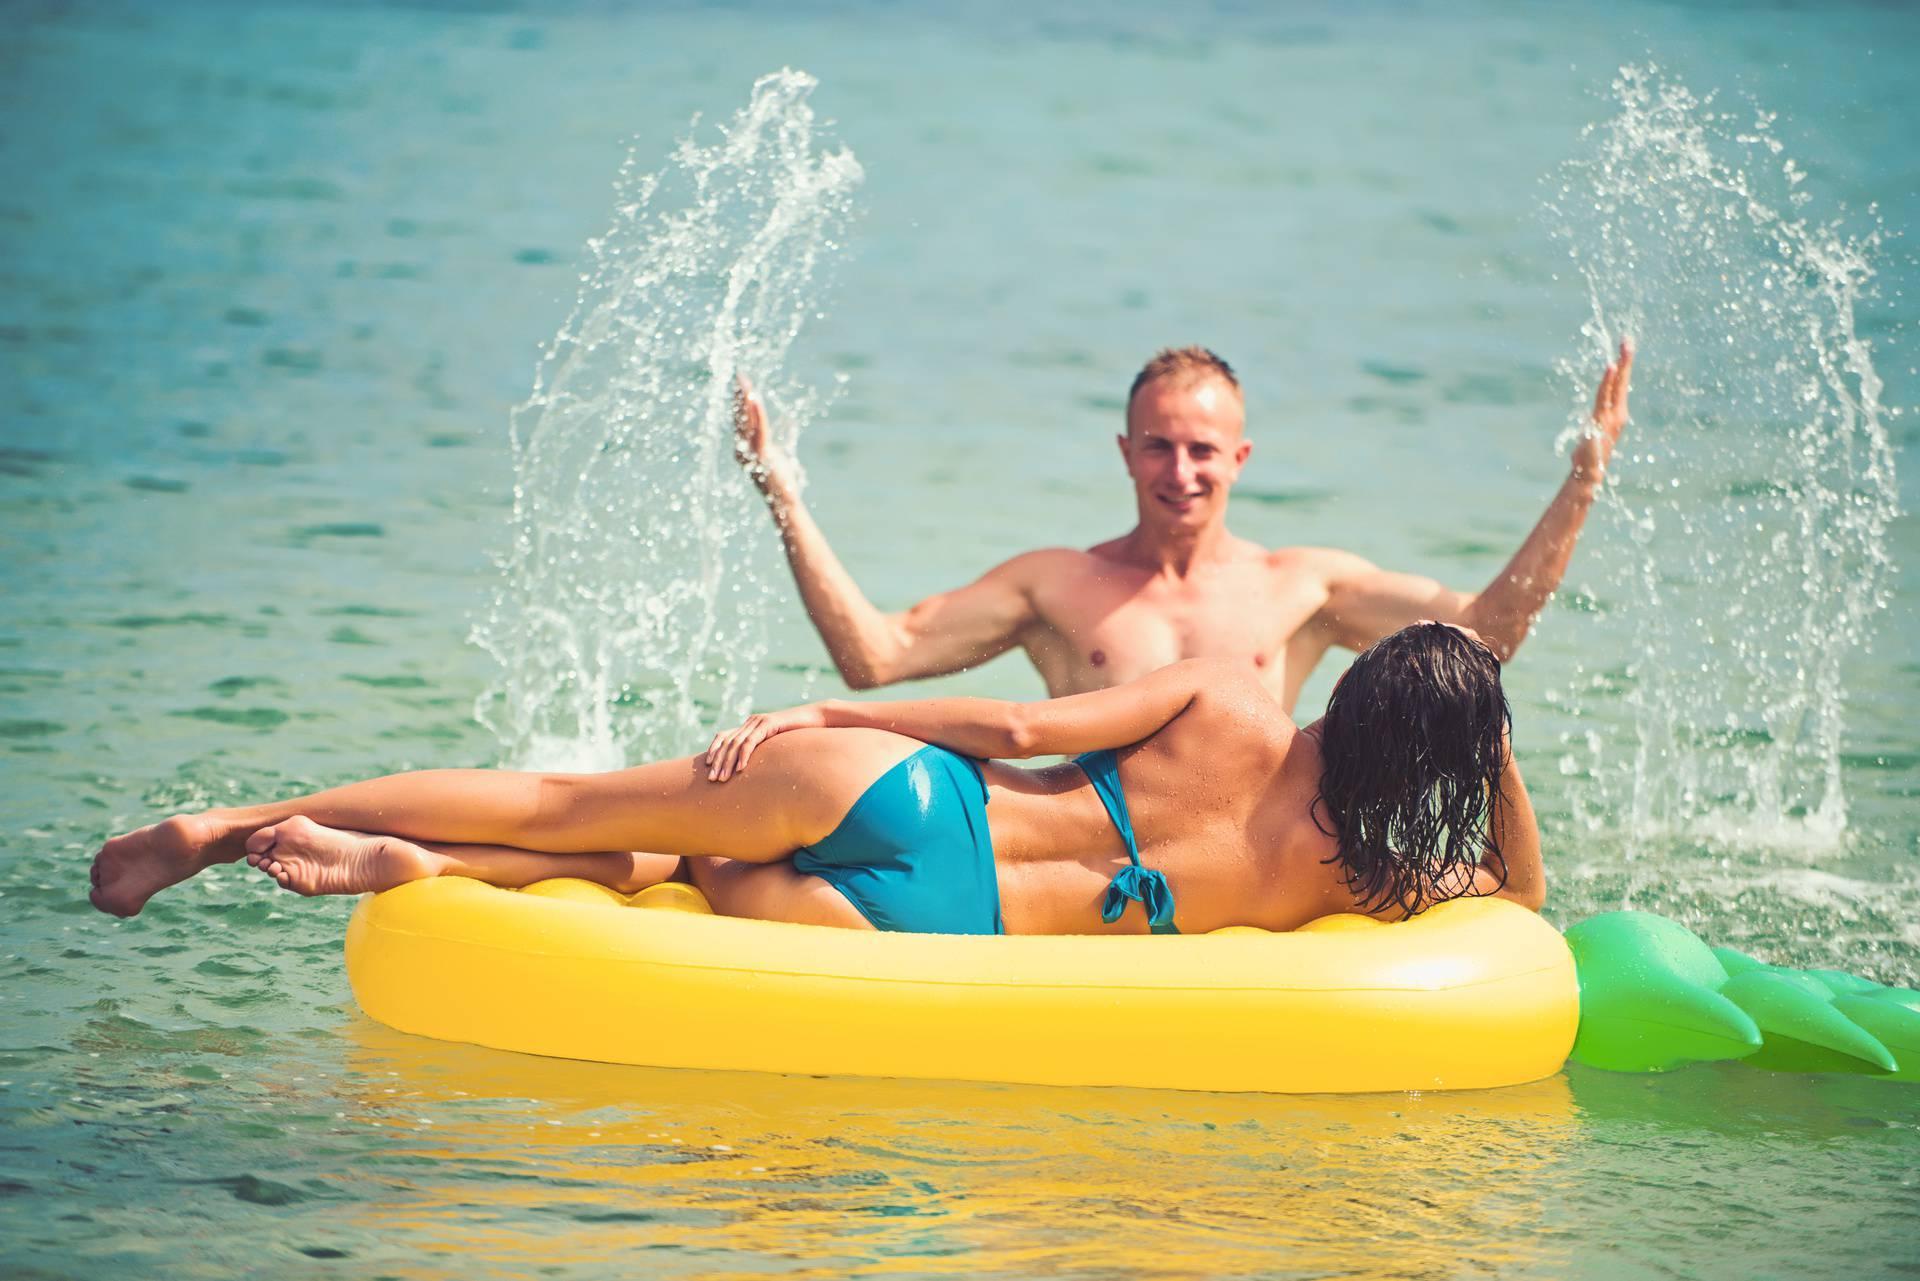 5 ljetnih seks priča: 'Nismo baš gubili vrijeme na upoznavanje'